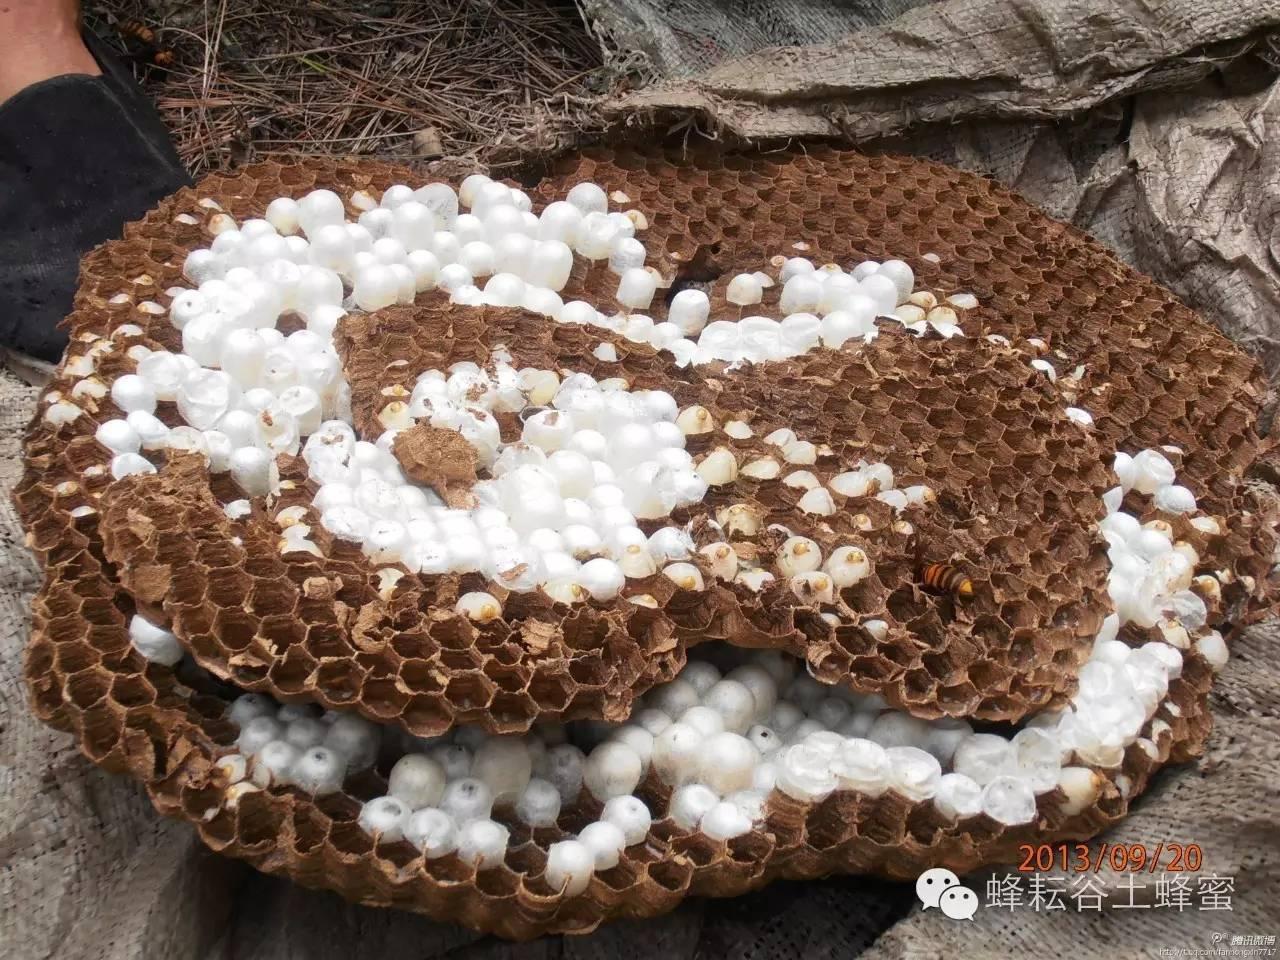 土蜂蜜好吗 功能 中华蜂蜜 蜂品种 蜂蜜饮用